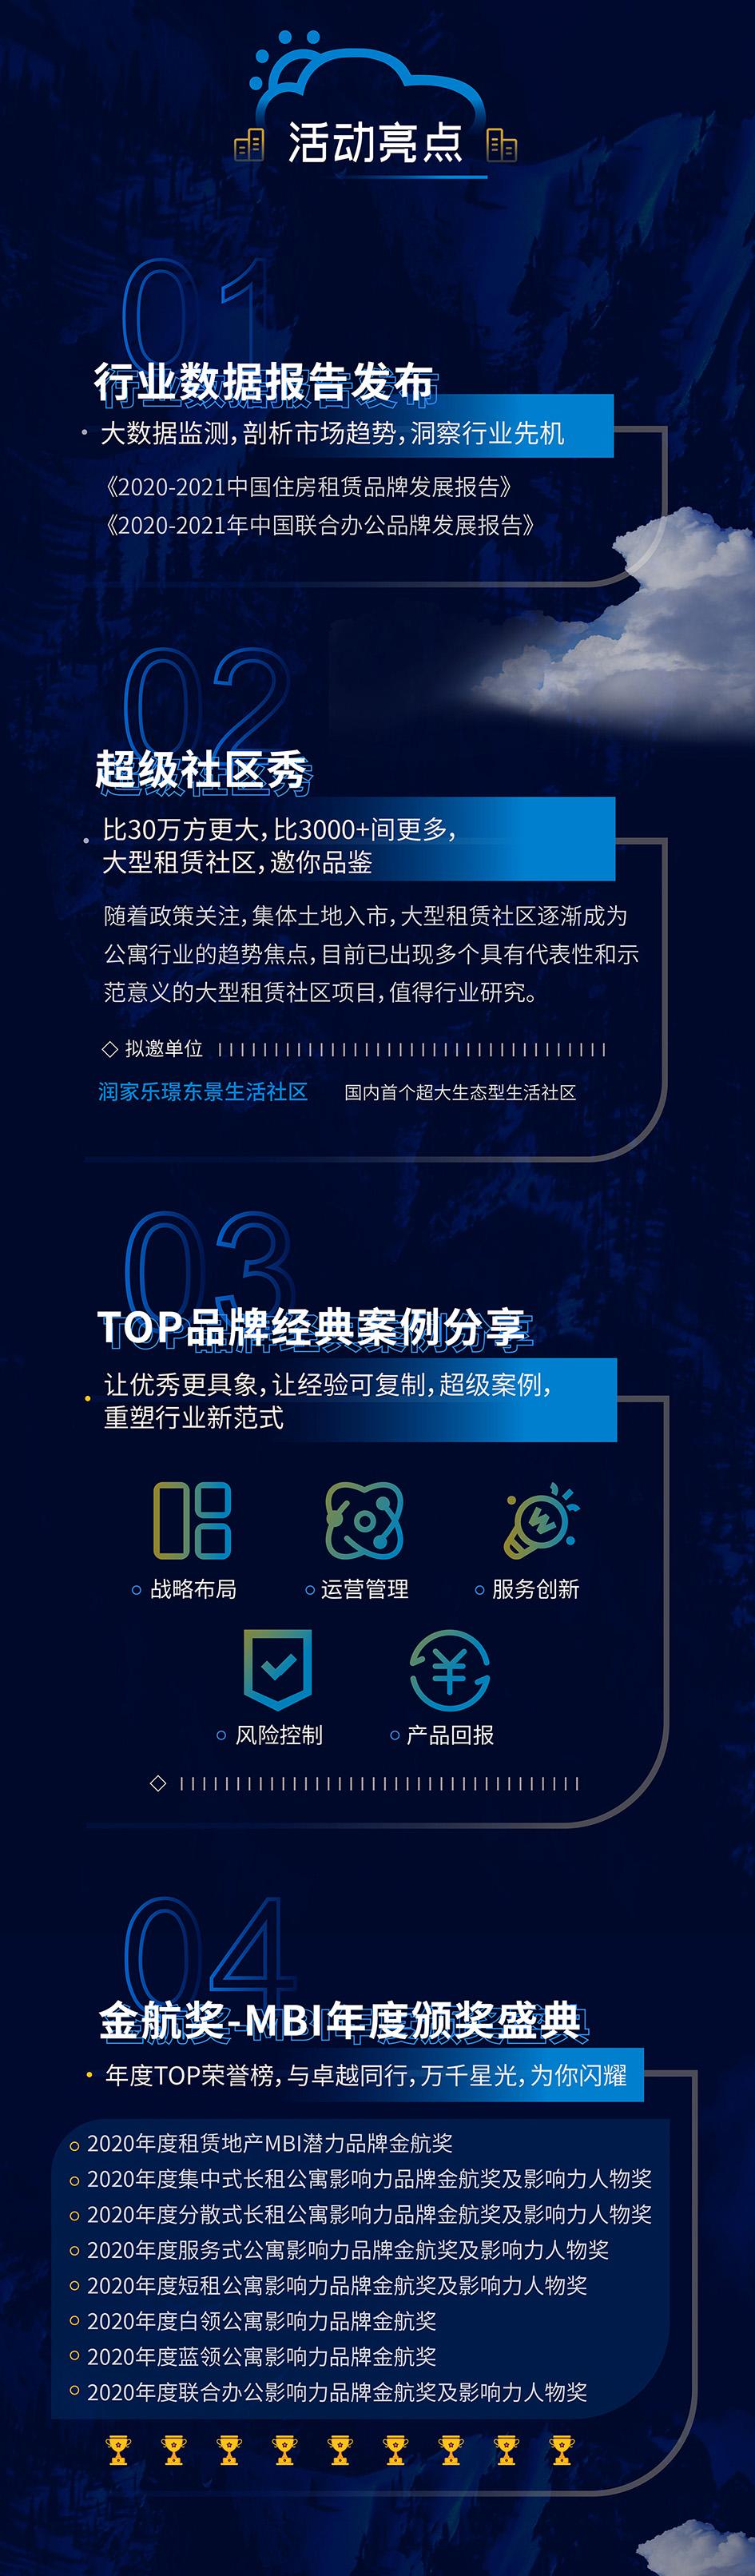 中国租赁地产MBI颁奖盛典暨高峰论坛(2020-2021)